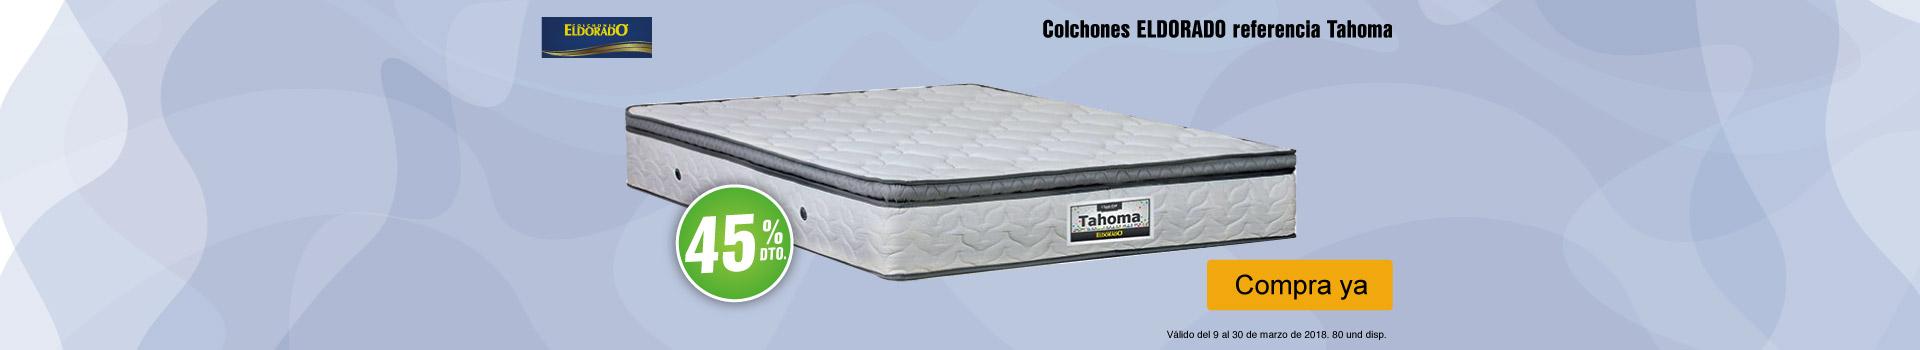 CAT AK-1-hogar-colchones-tahoma-cat-mar21-23